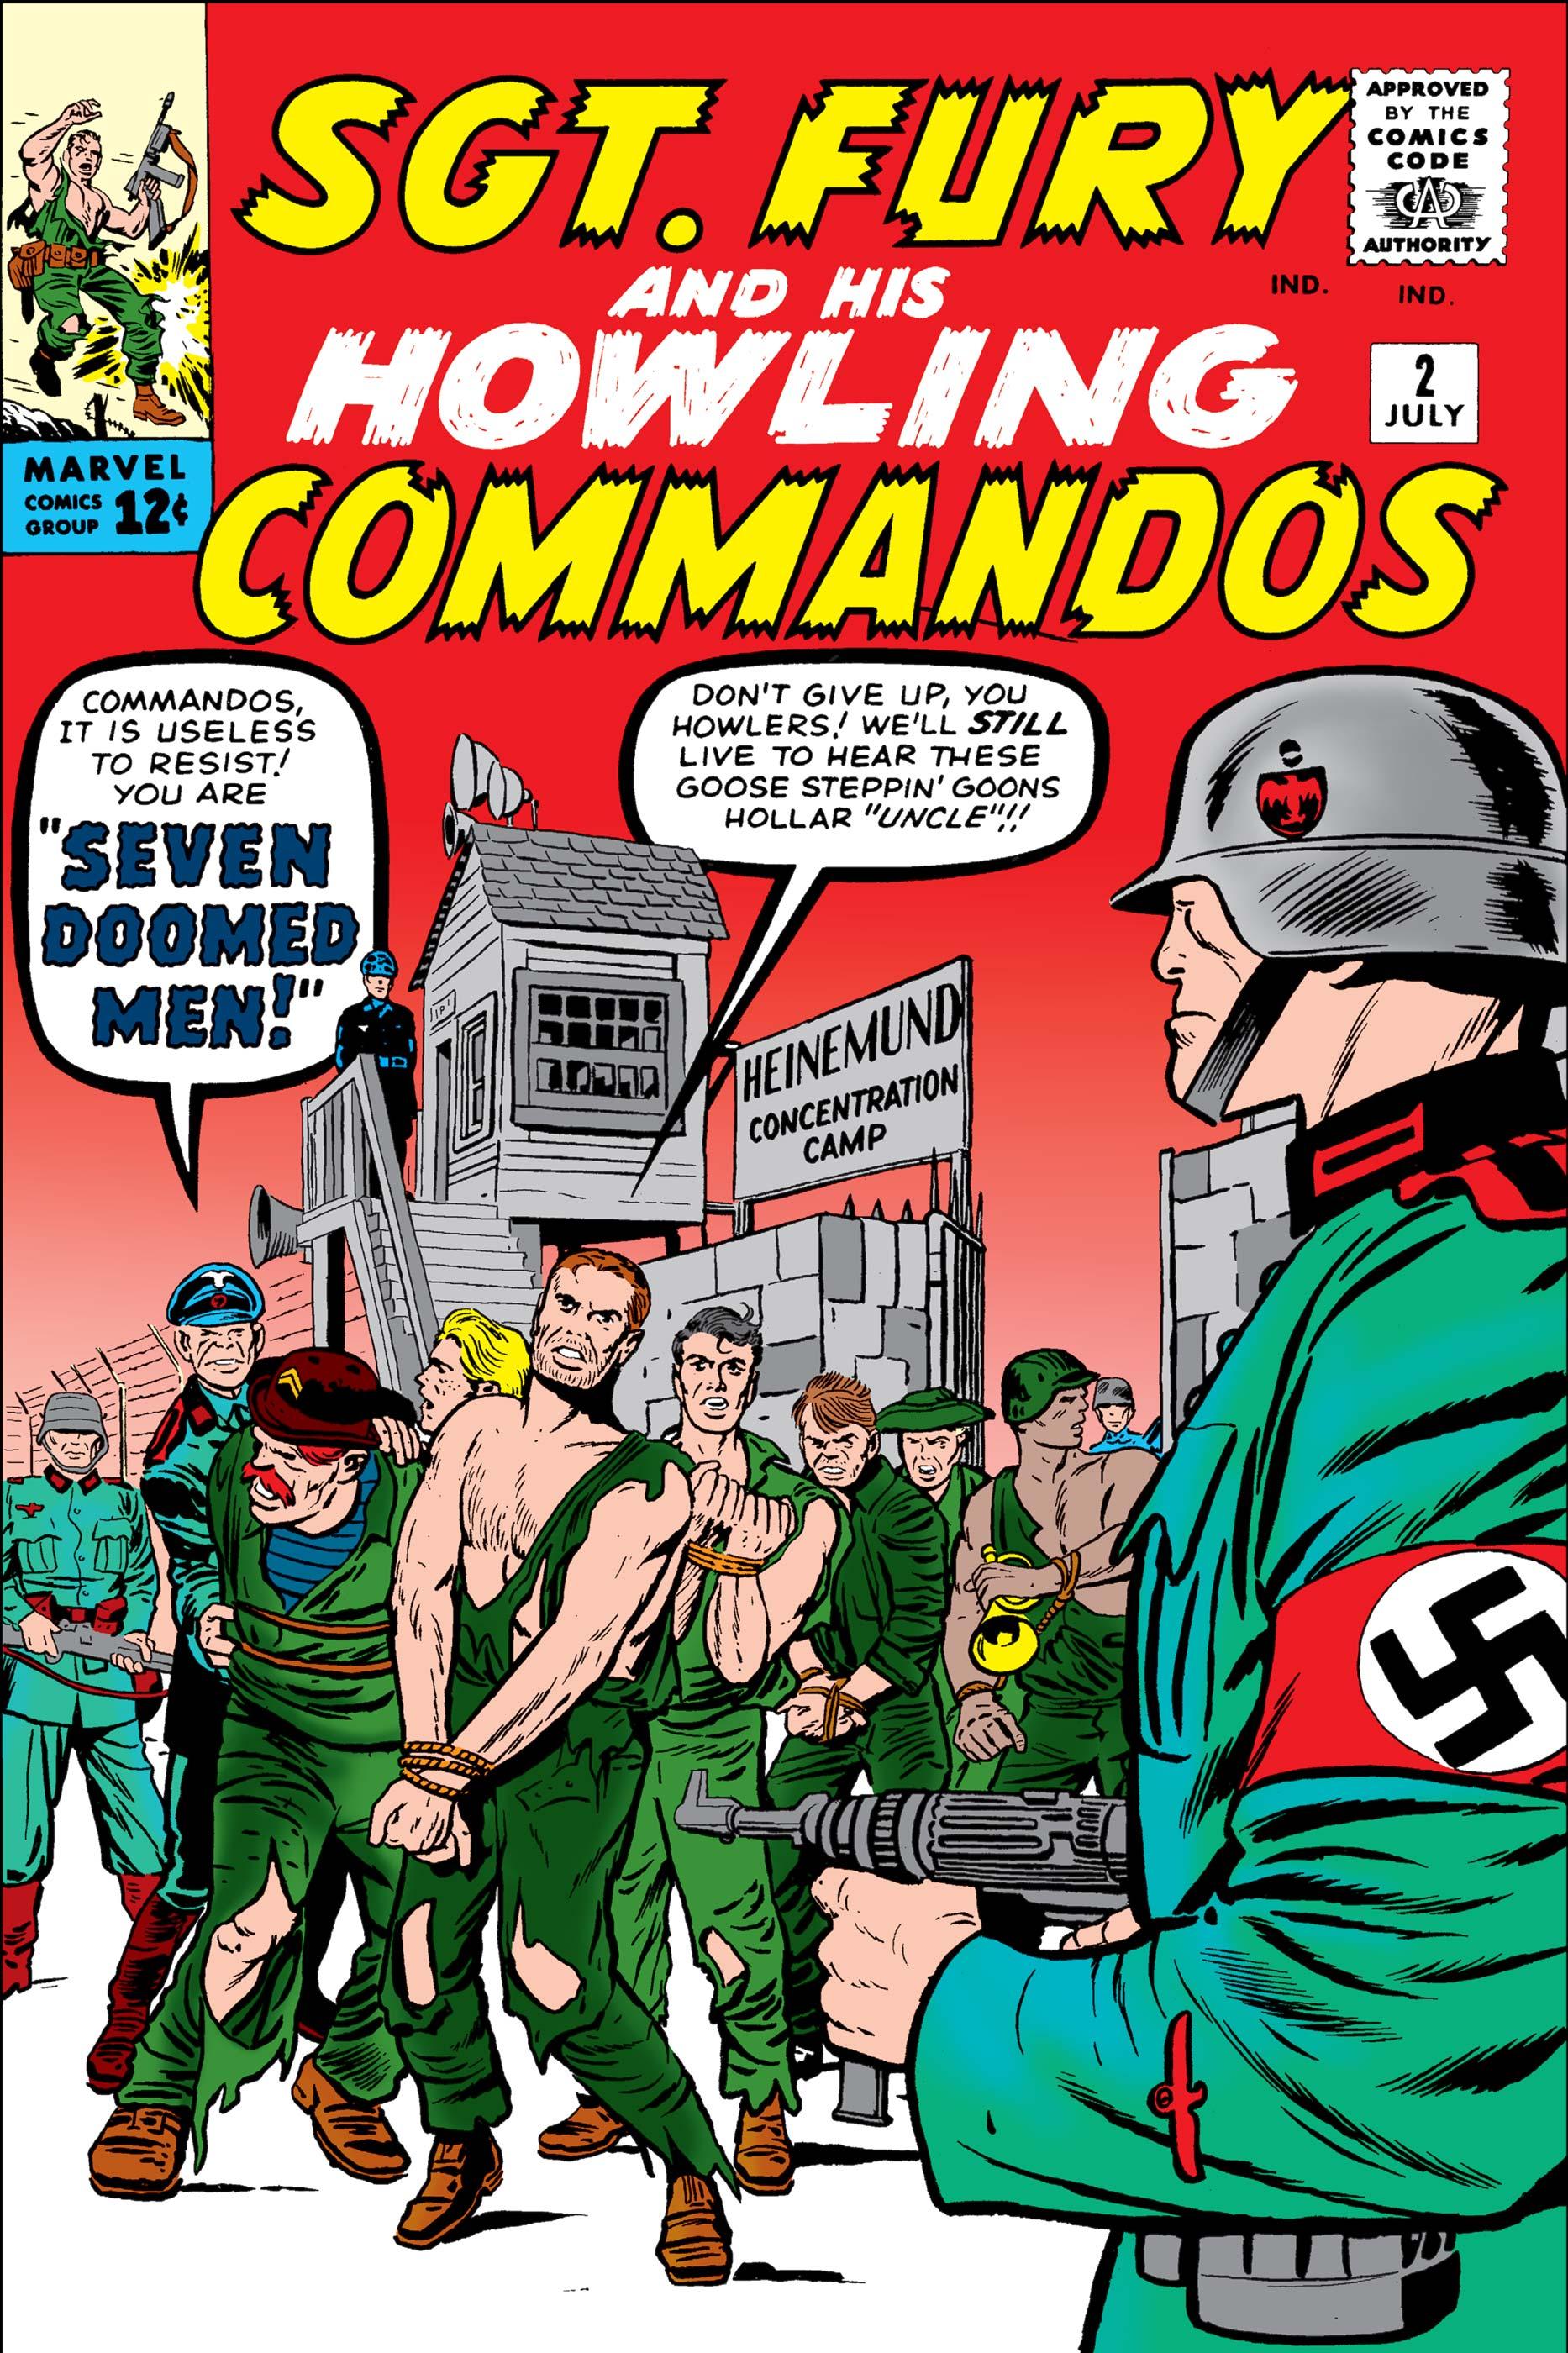 Sgt. Fury (1963) #2